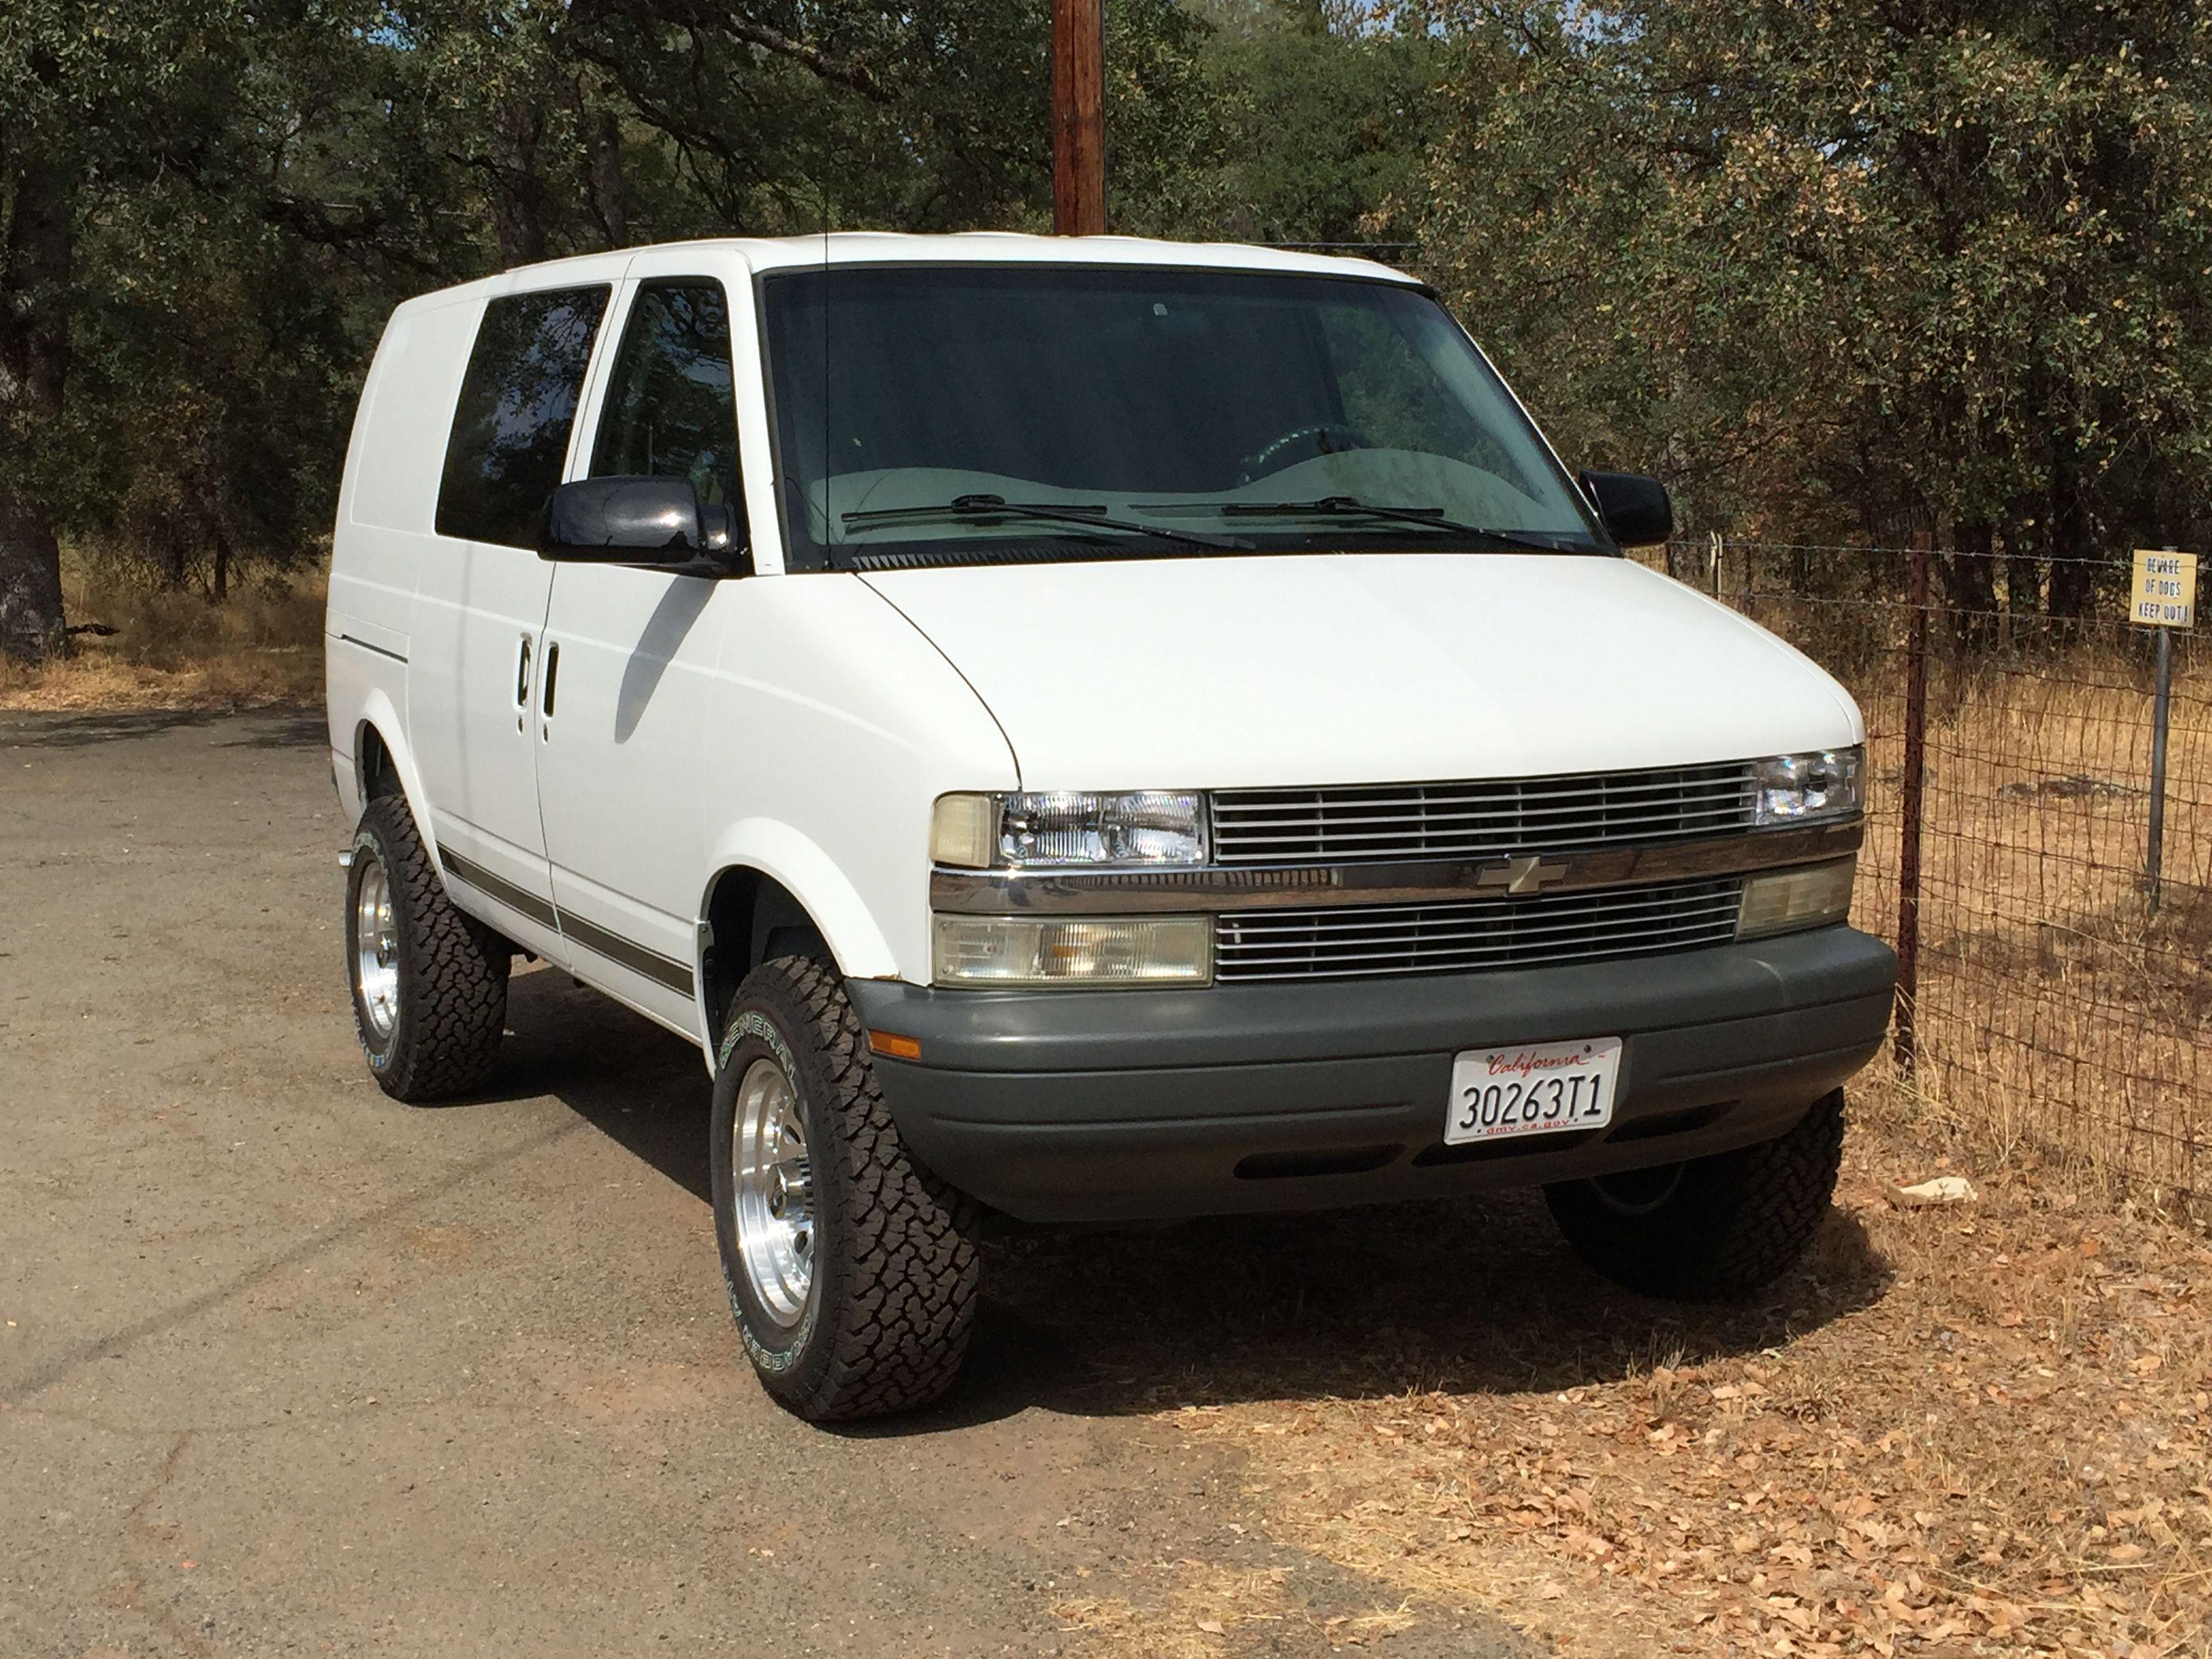 Gmc Safari Van 4x4 - Year of Clean Water